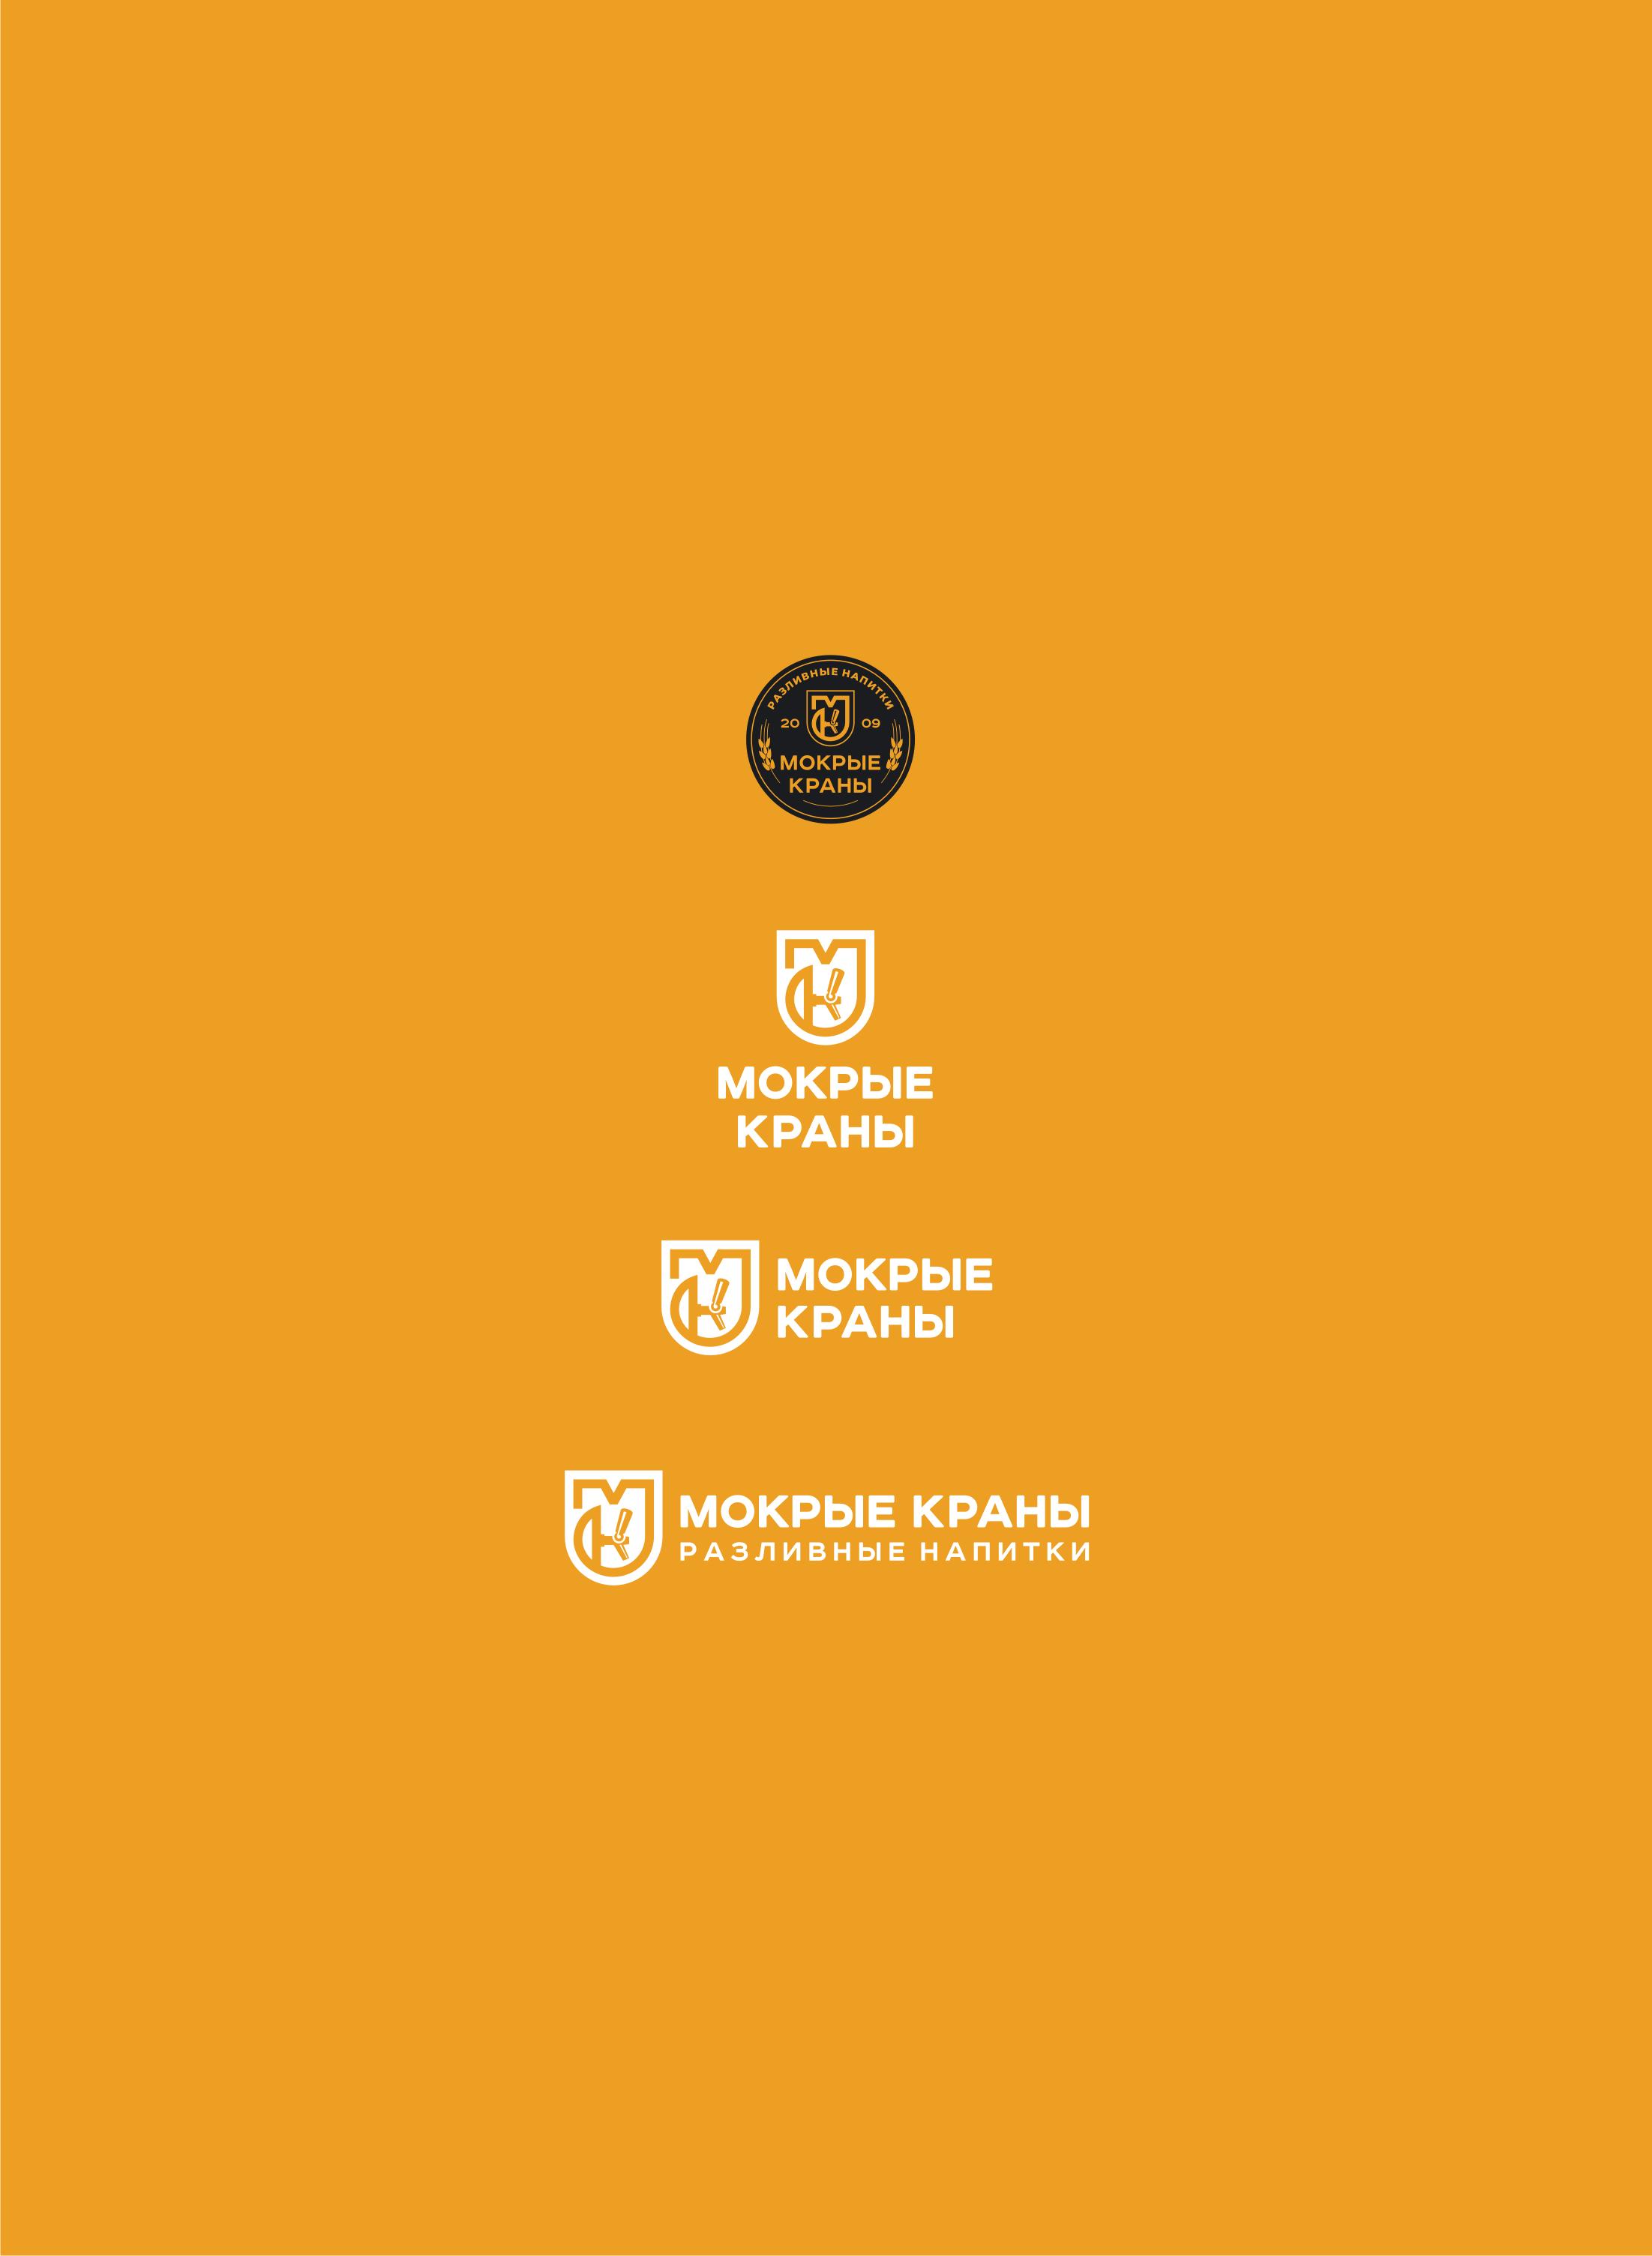 Вывеска/логотип для пивного магазина фото f_696602280f6d4767.png